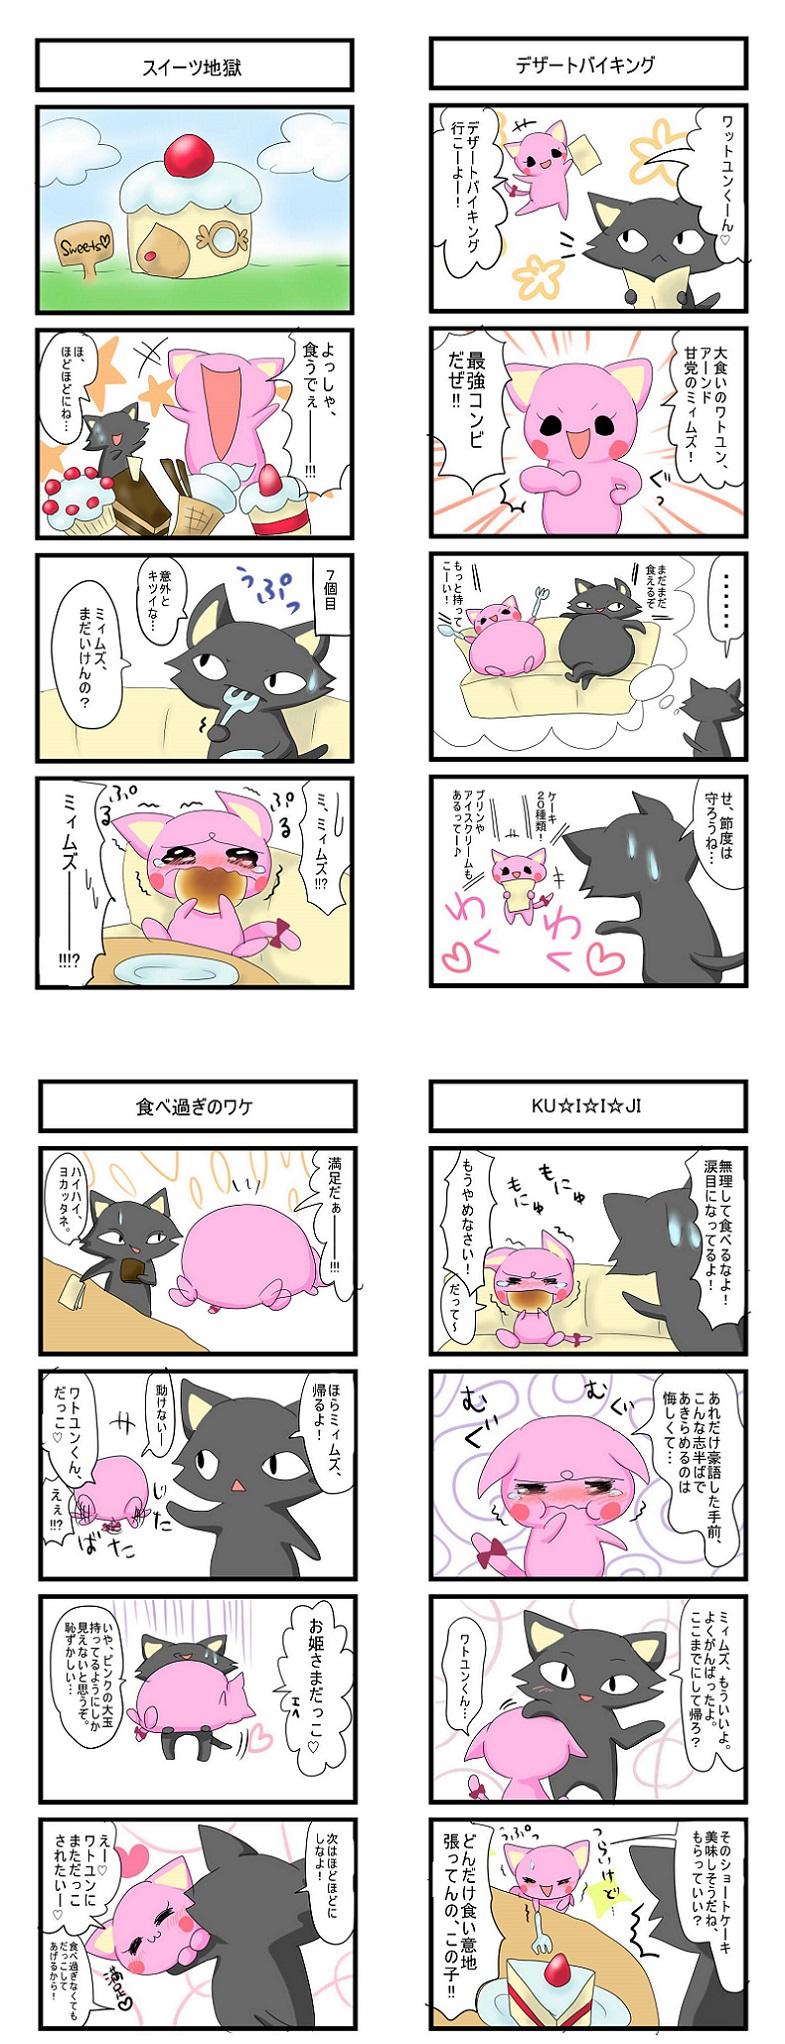 sweets yoko1